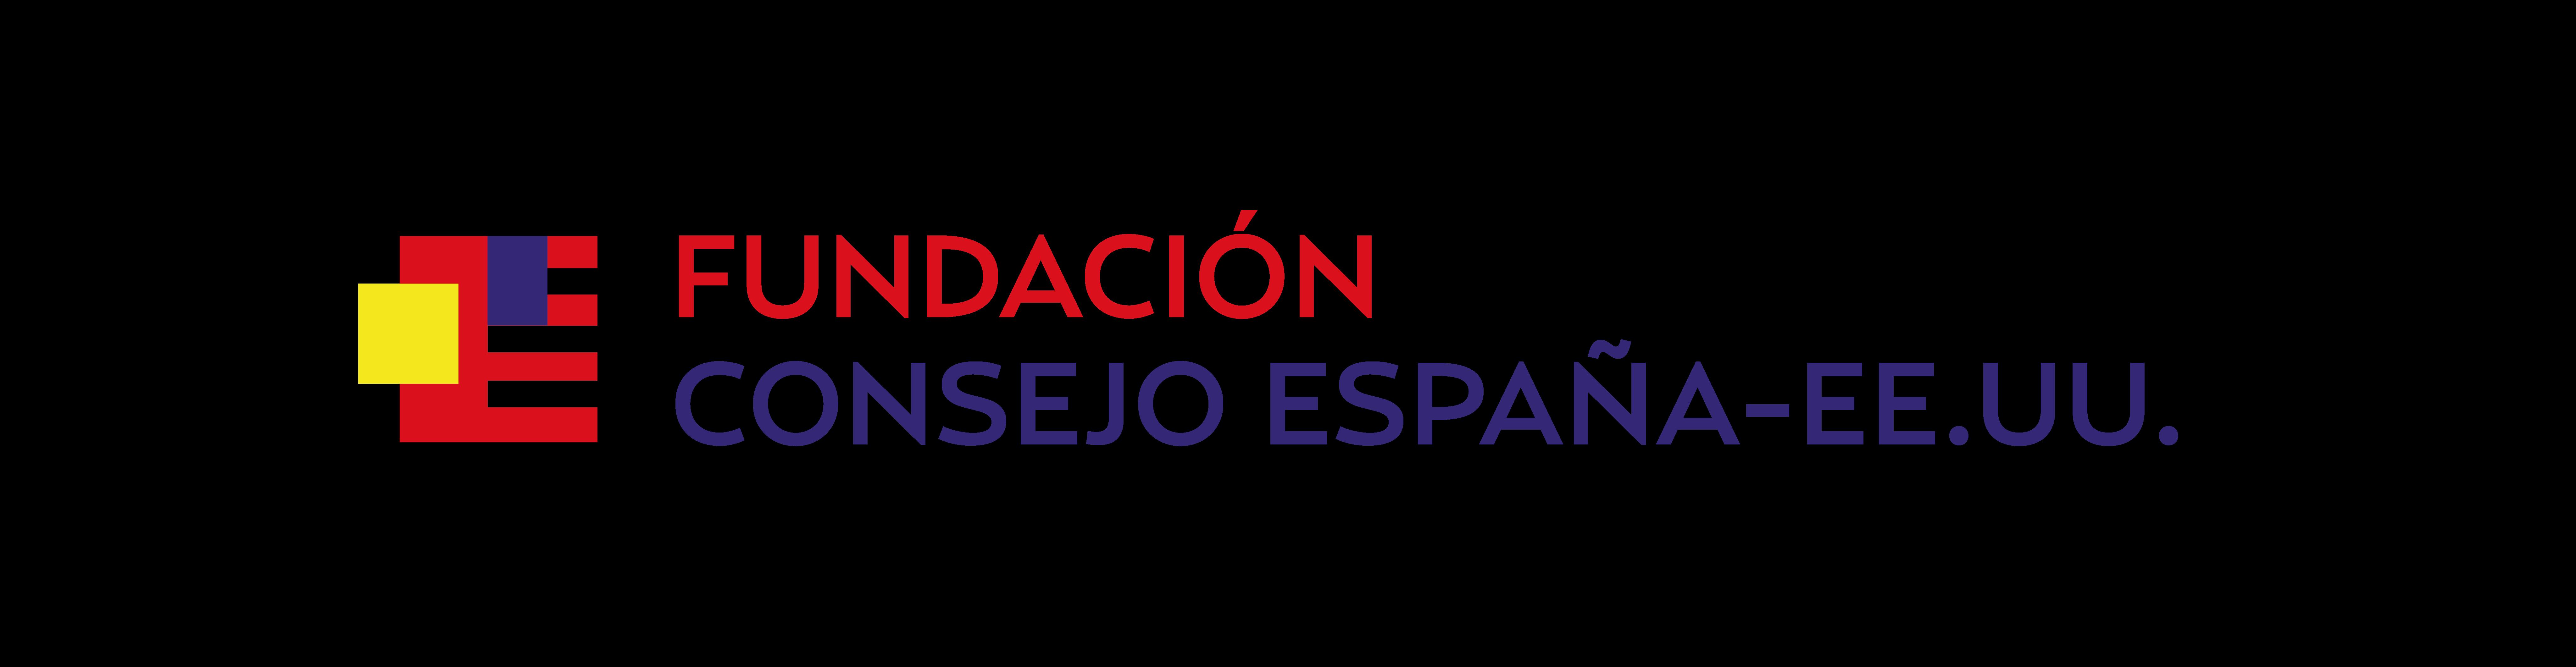 Fundación Consejo España EEUU